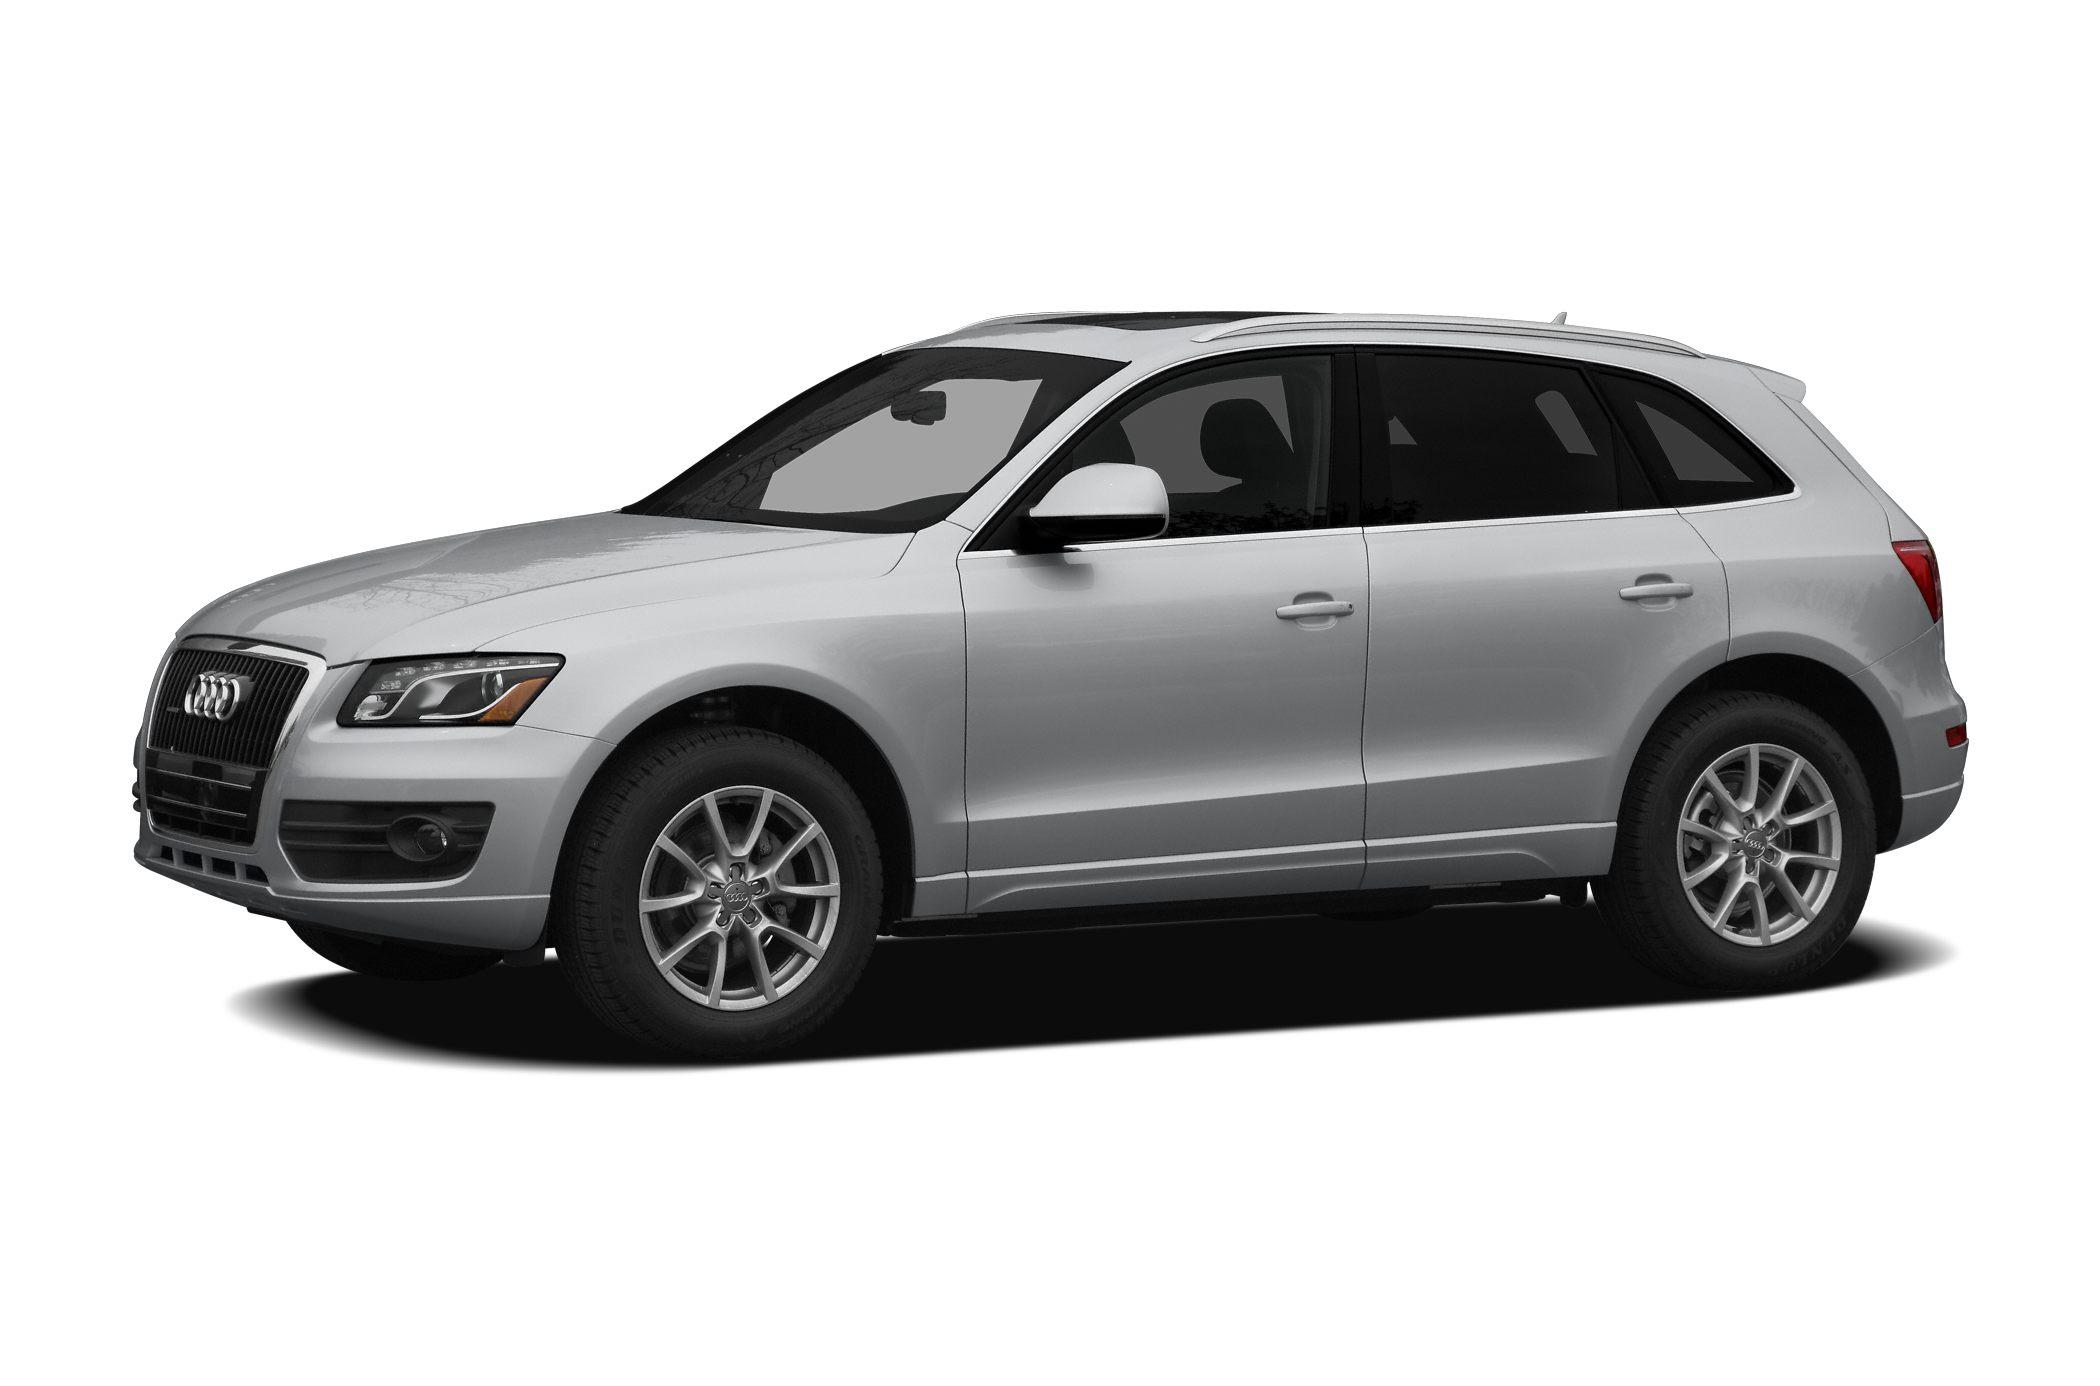 Kekurangan Audi Q5 2011 Perbandingan Harga